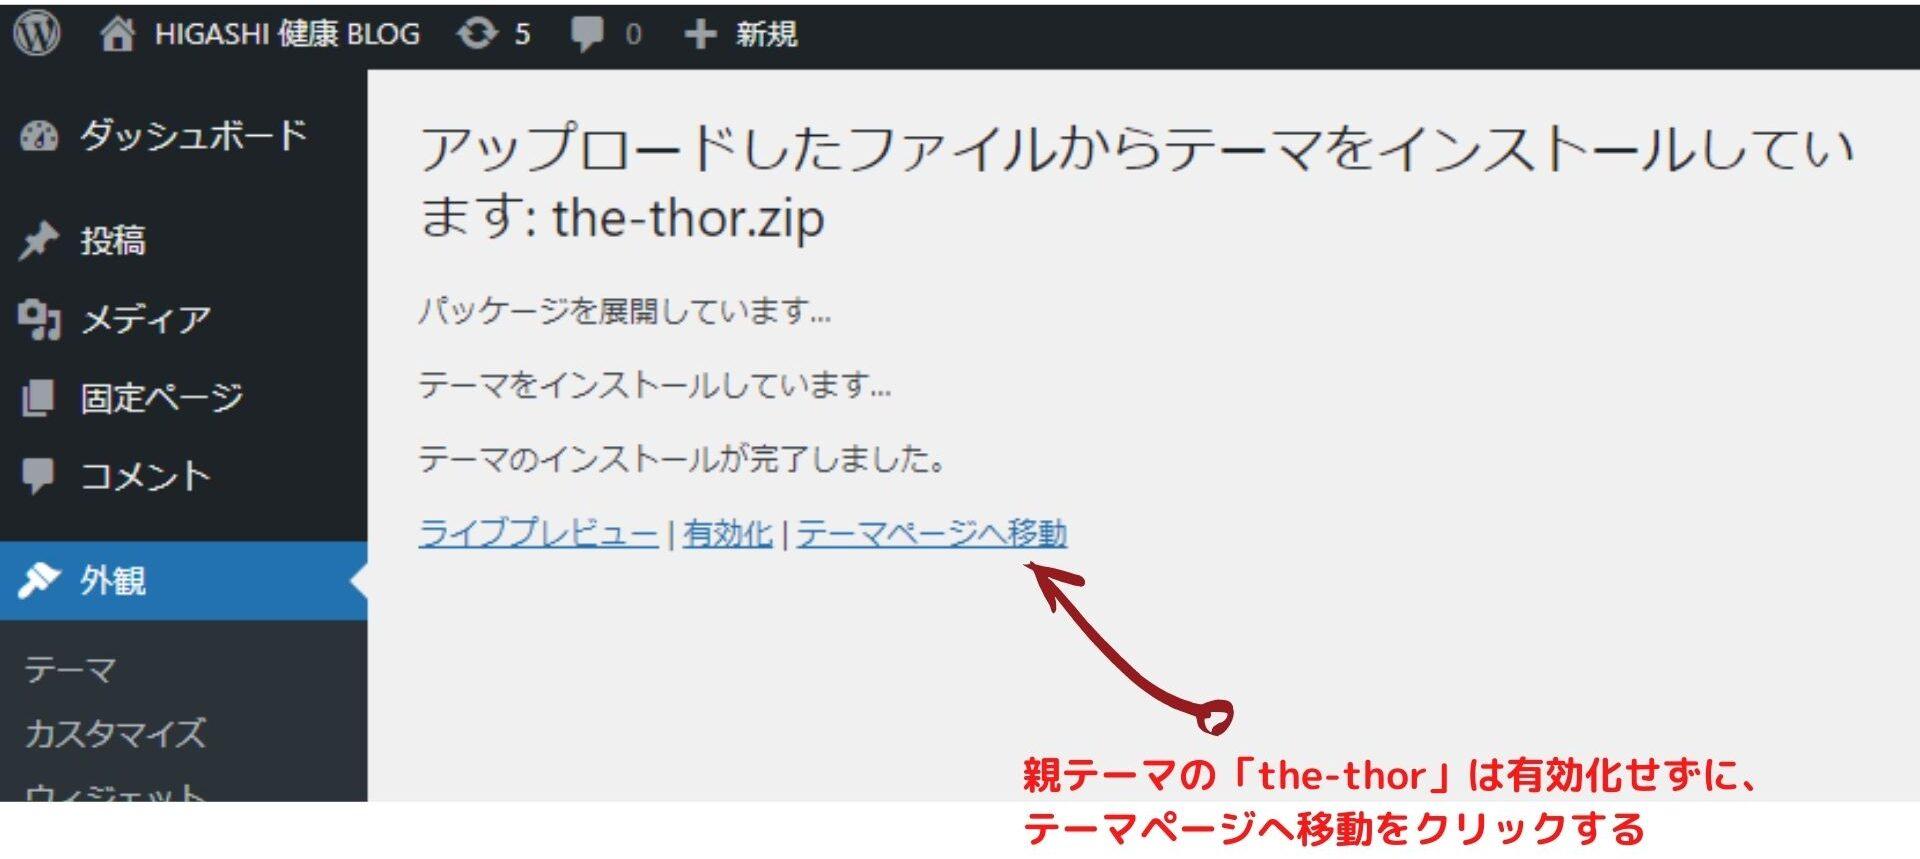 6.アップロードが完了したら「テーマページへ移動」をクリック